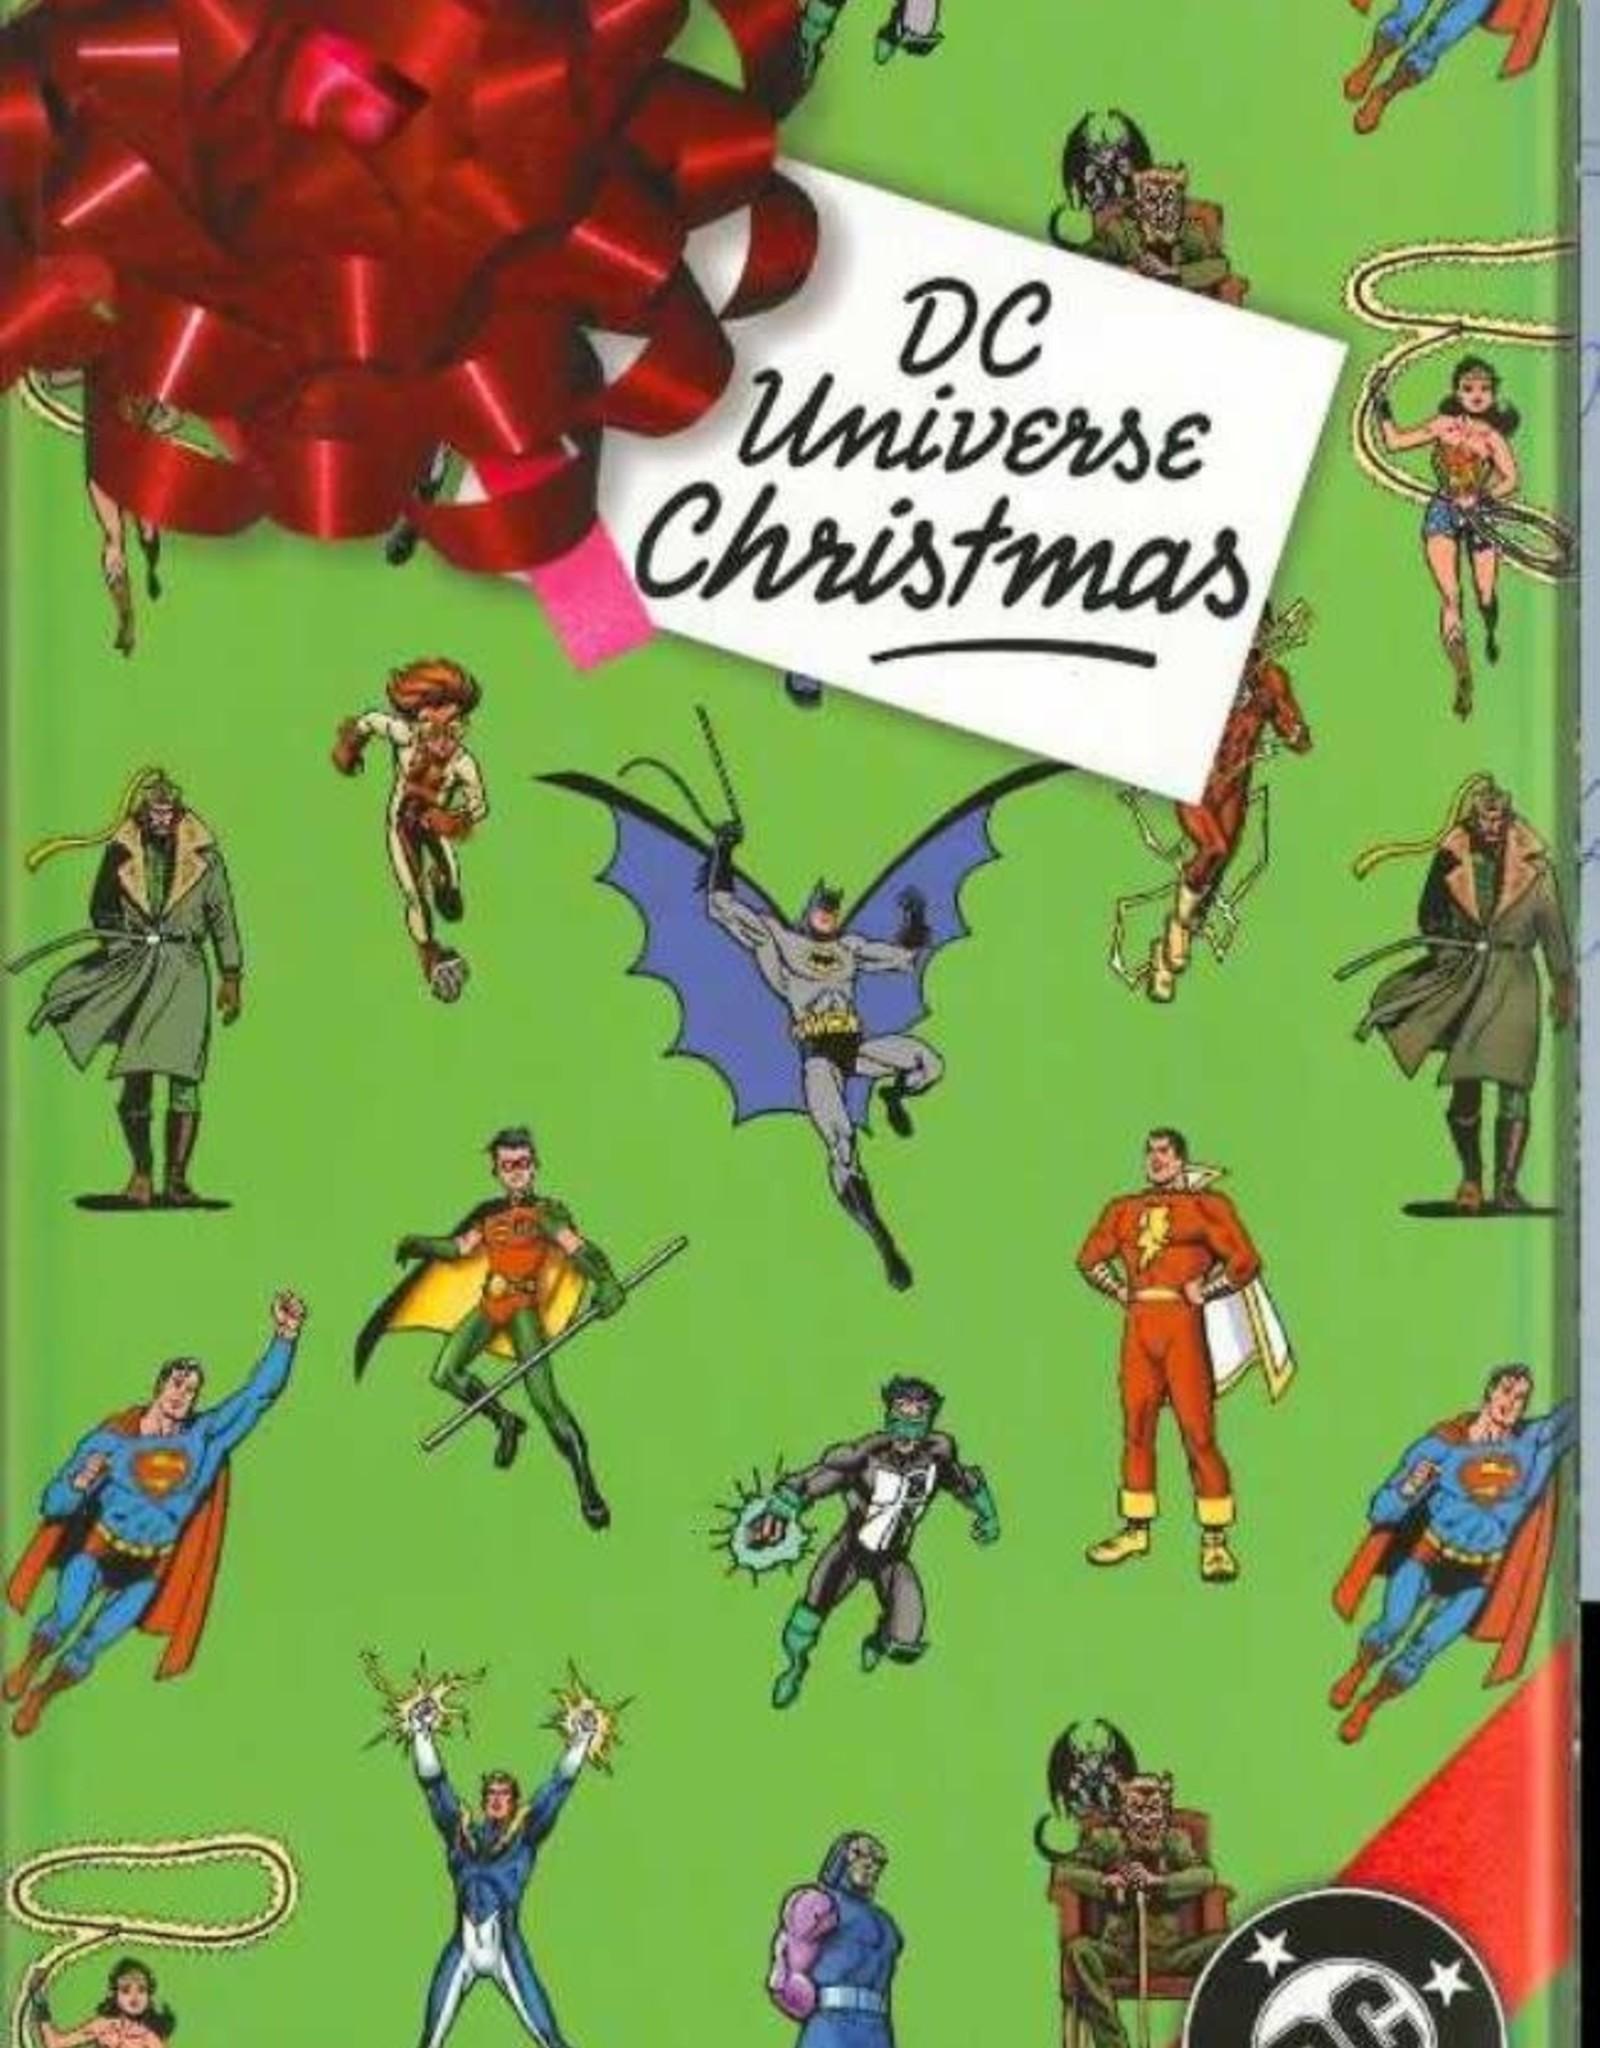 DC Comics A DC Universe Christmas